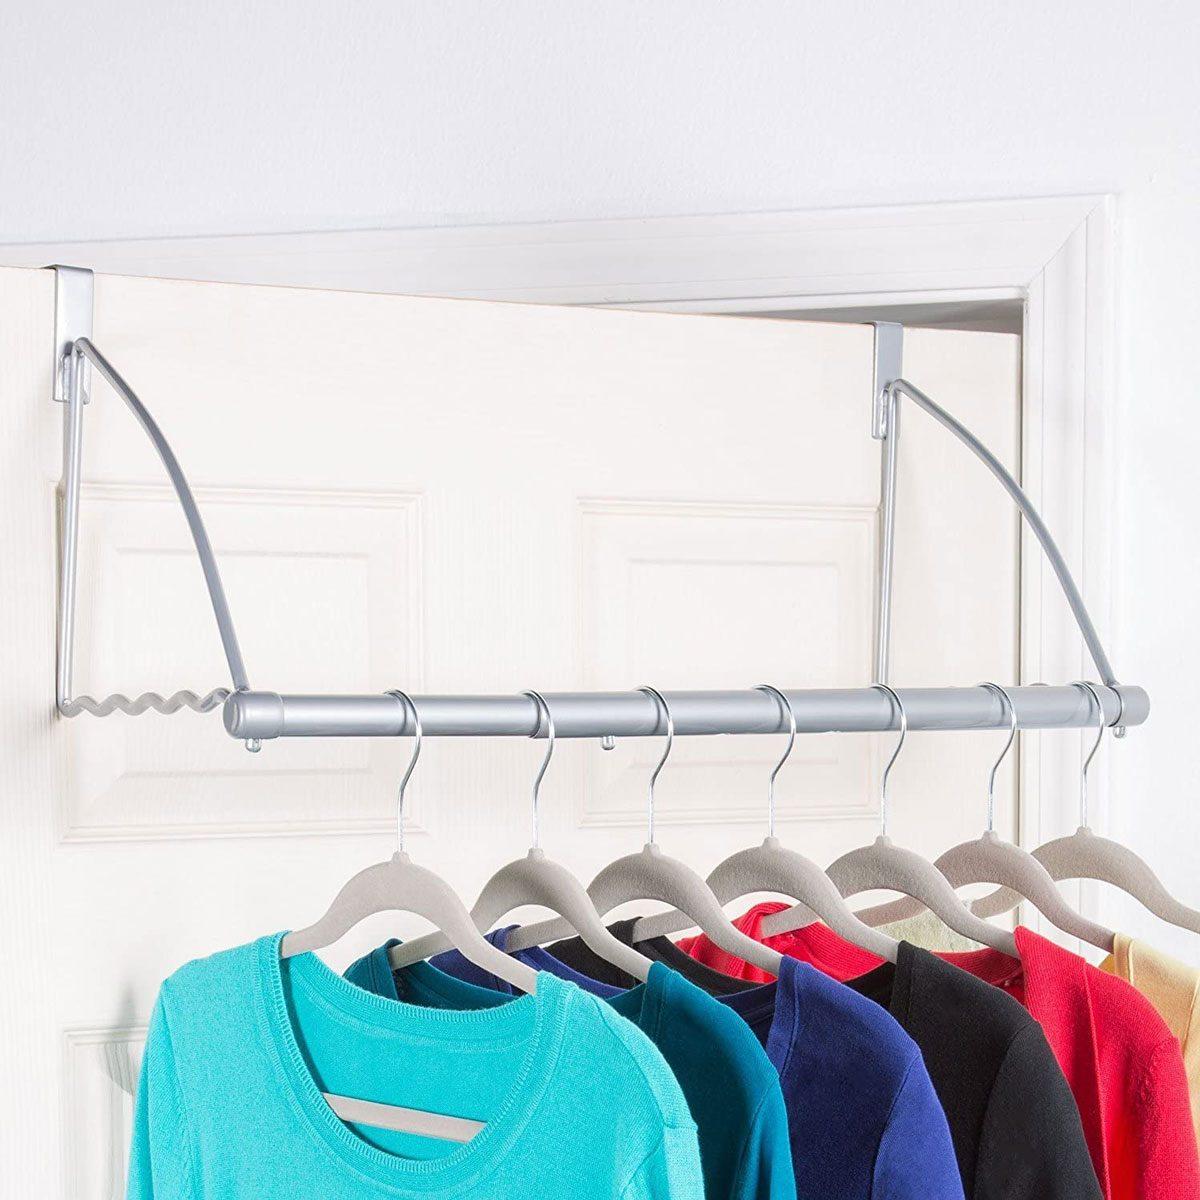 Clothes rod